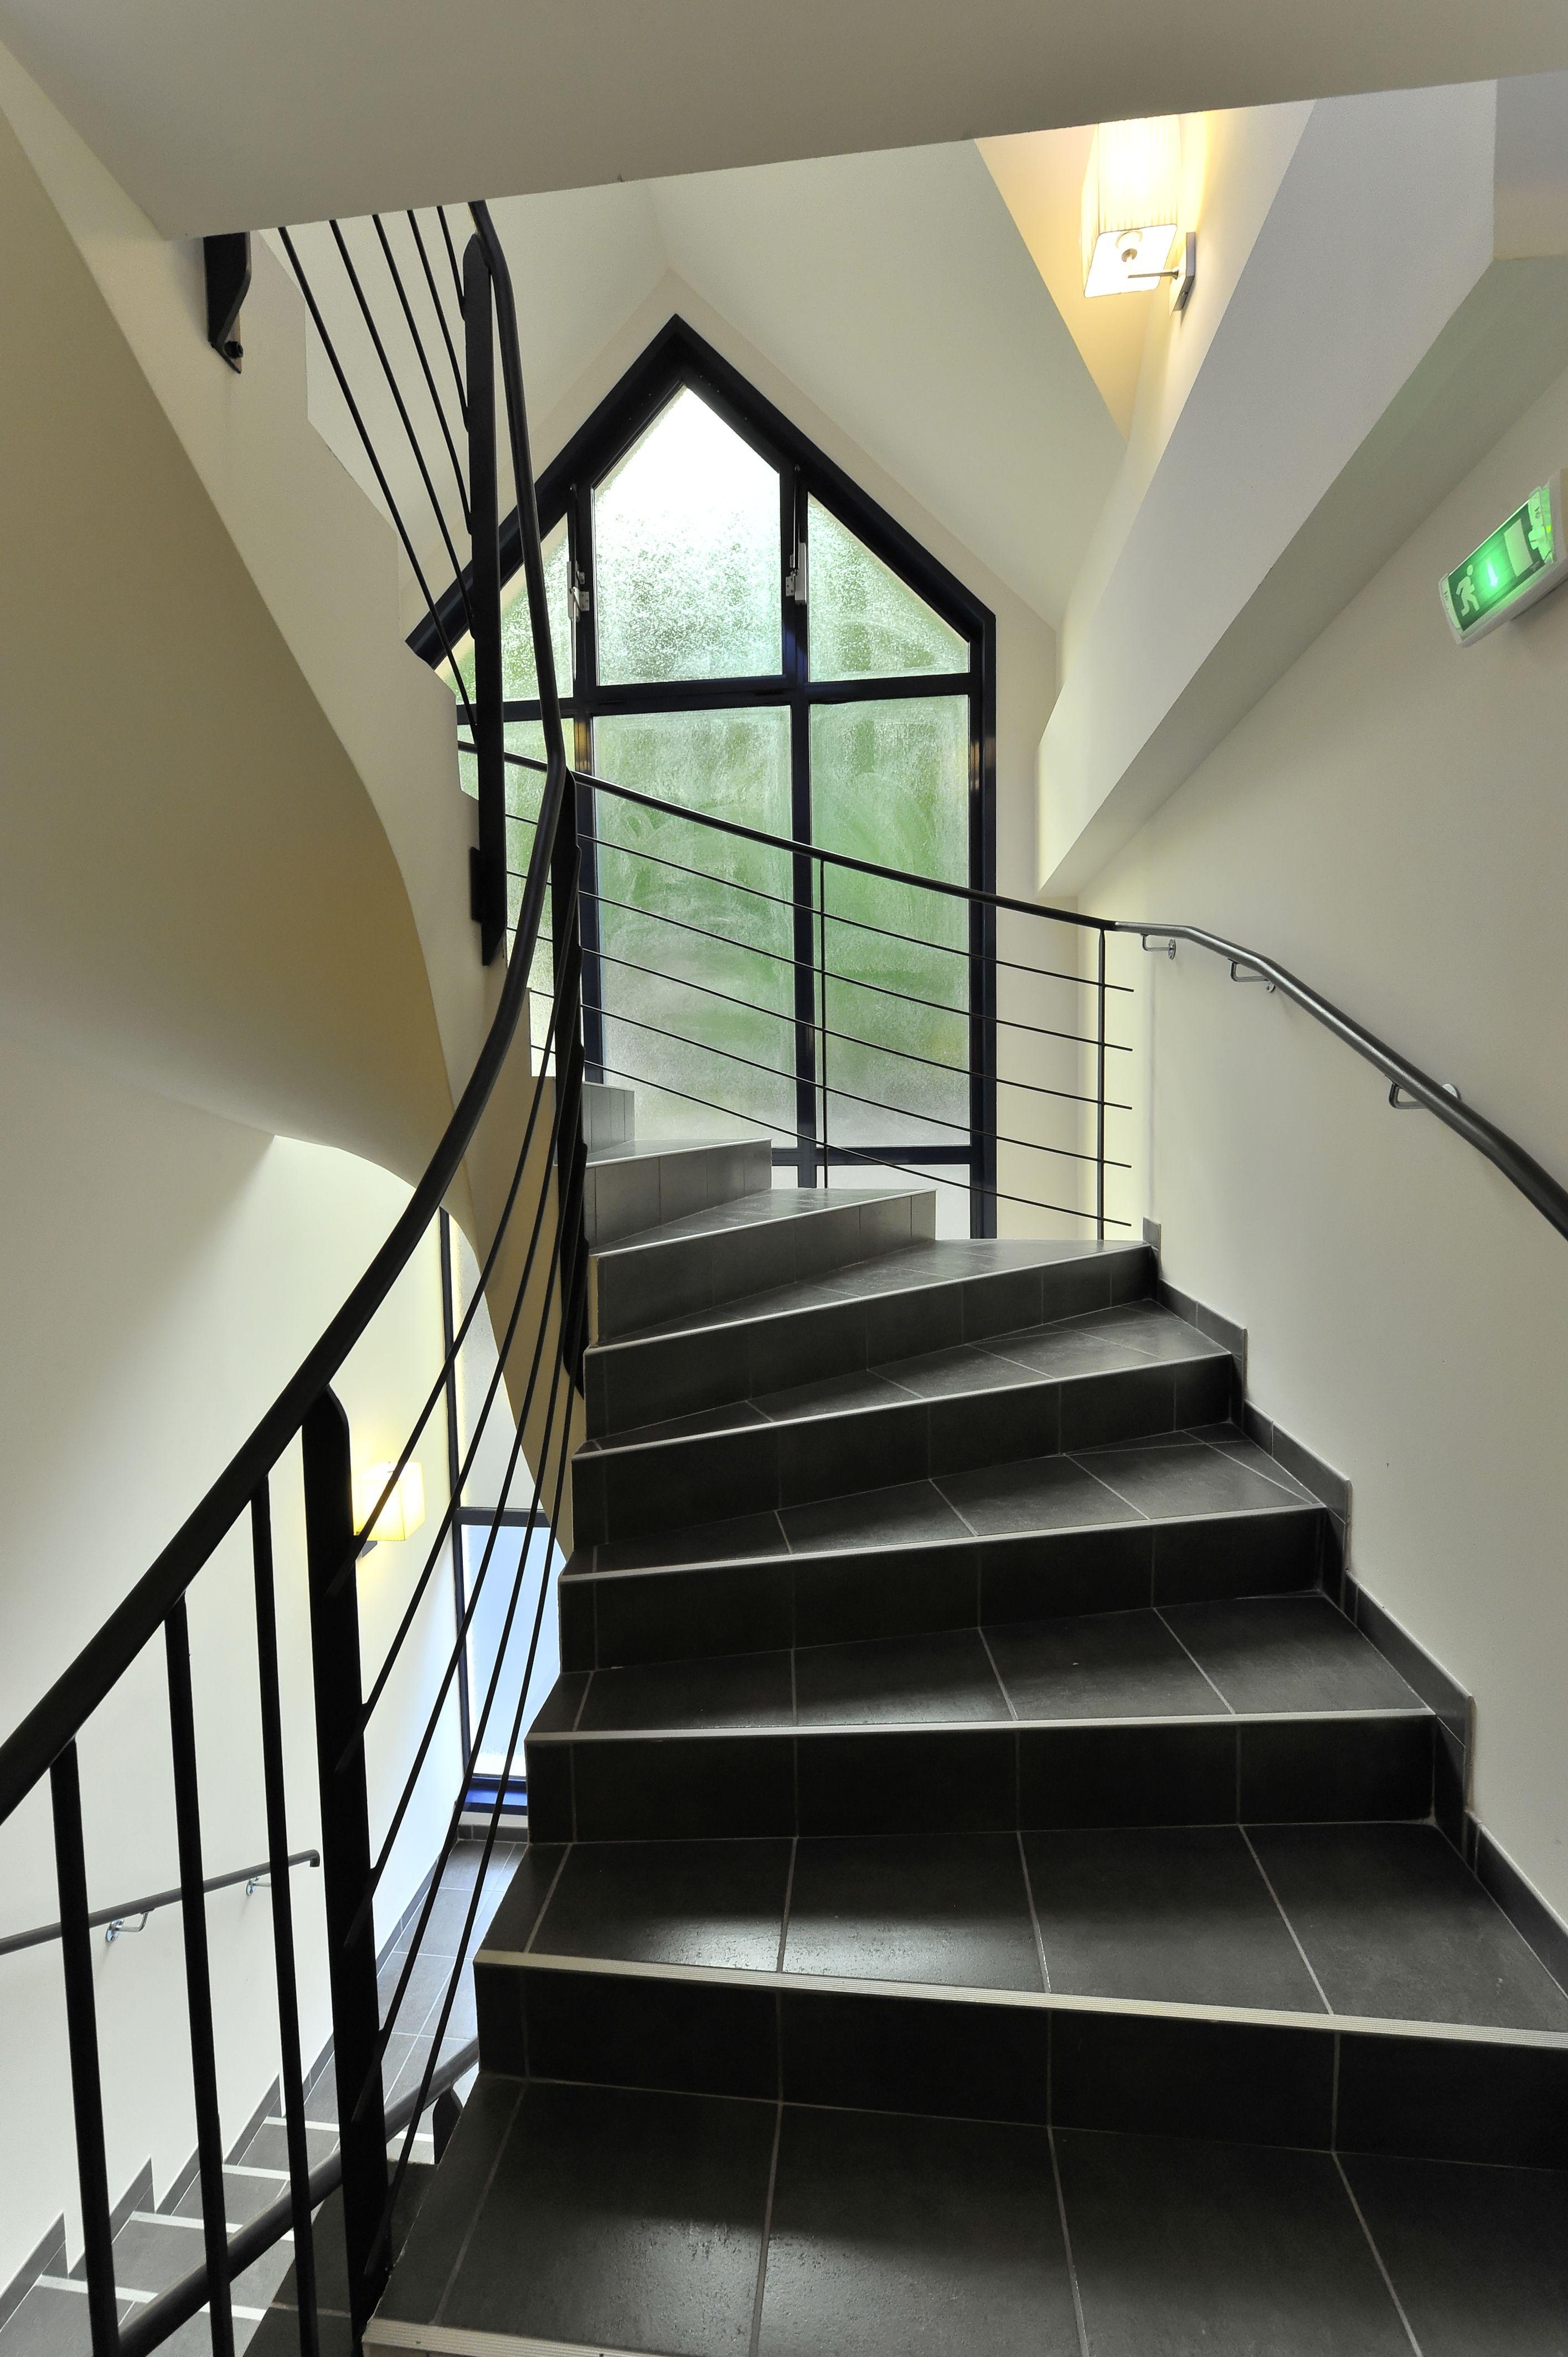 grande cage d 39 escalier et sa baie vitr e qui pour effet un vrai puit de lumi re une conomie. Black Bedroom Furniture Sets. Home Design Ideas